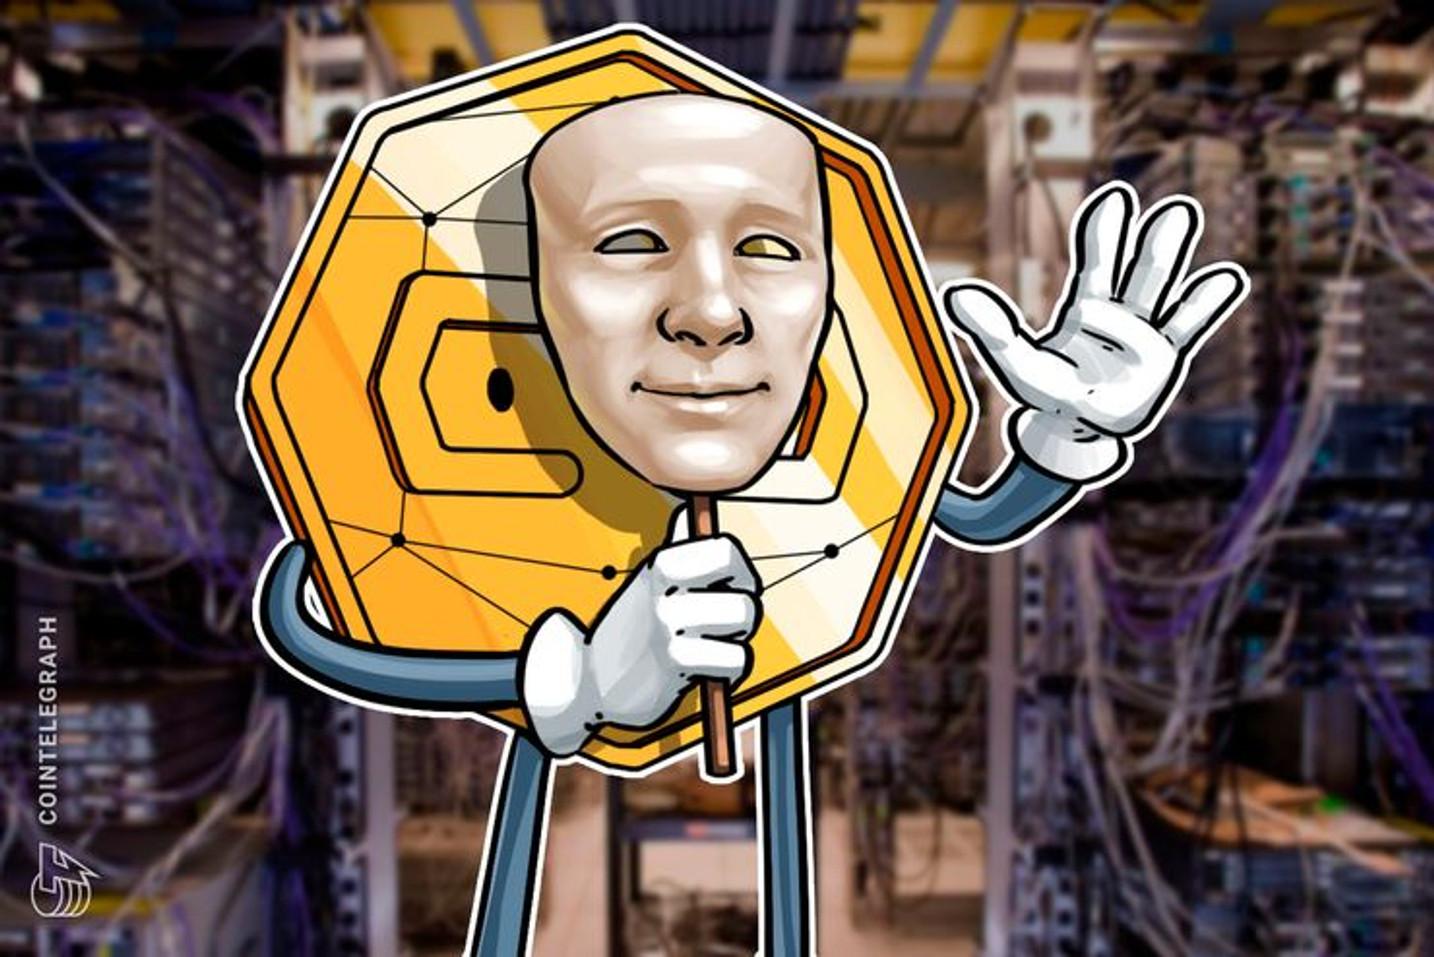 Ministério Público da Bahia e CVM estão investigando as atividades da Dreams Digger, suposta pirâmide de Bitcoin